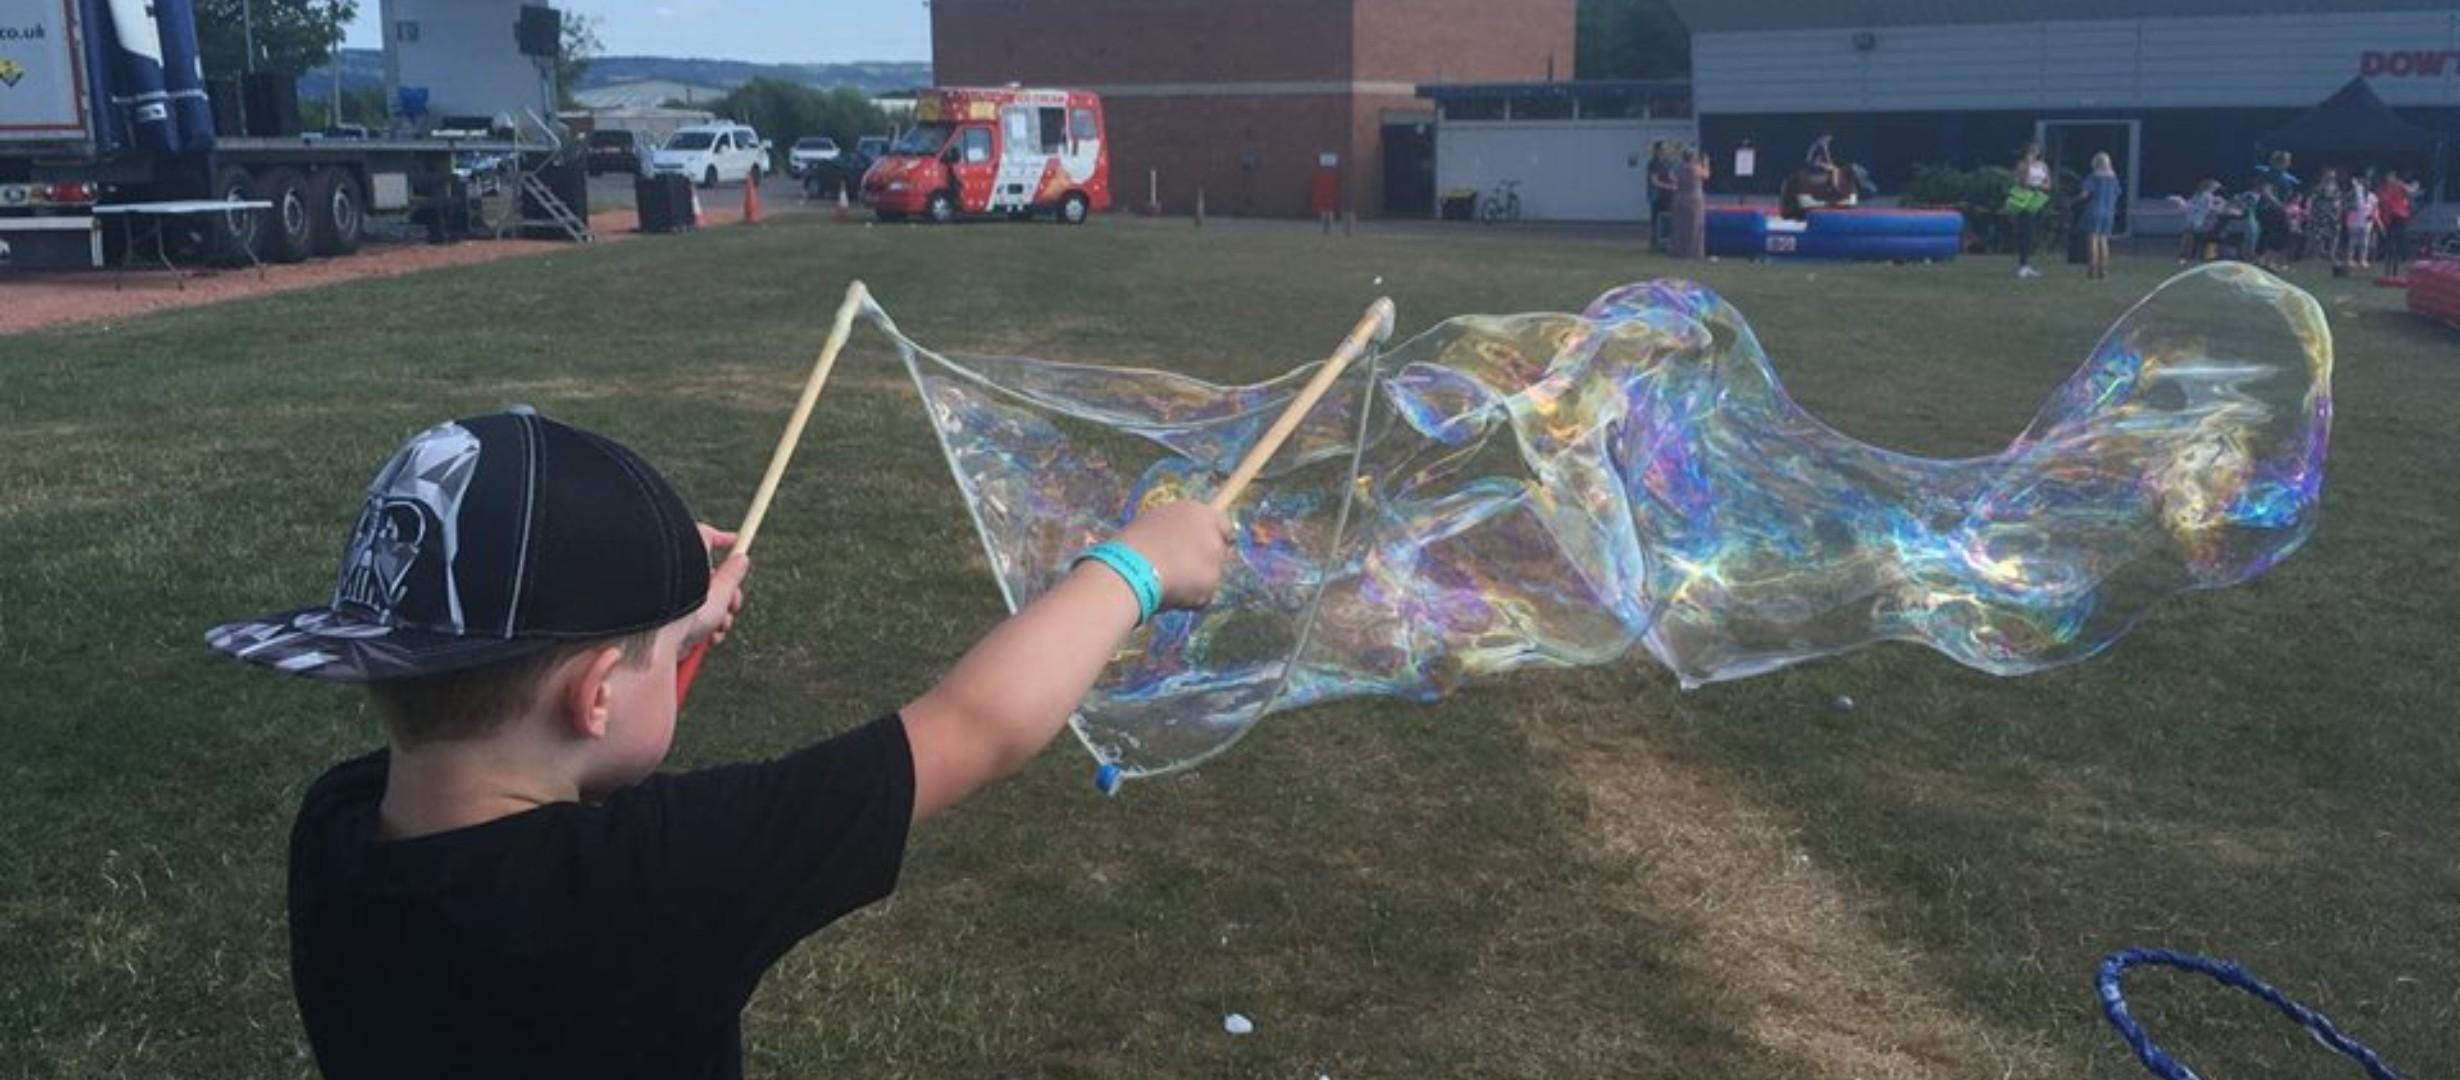 Giant bubble starter kit wand solution SEN